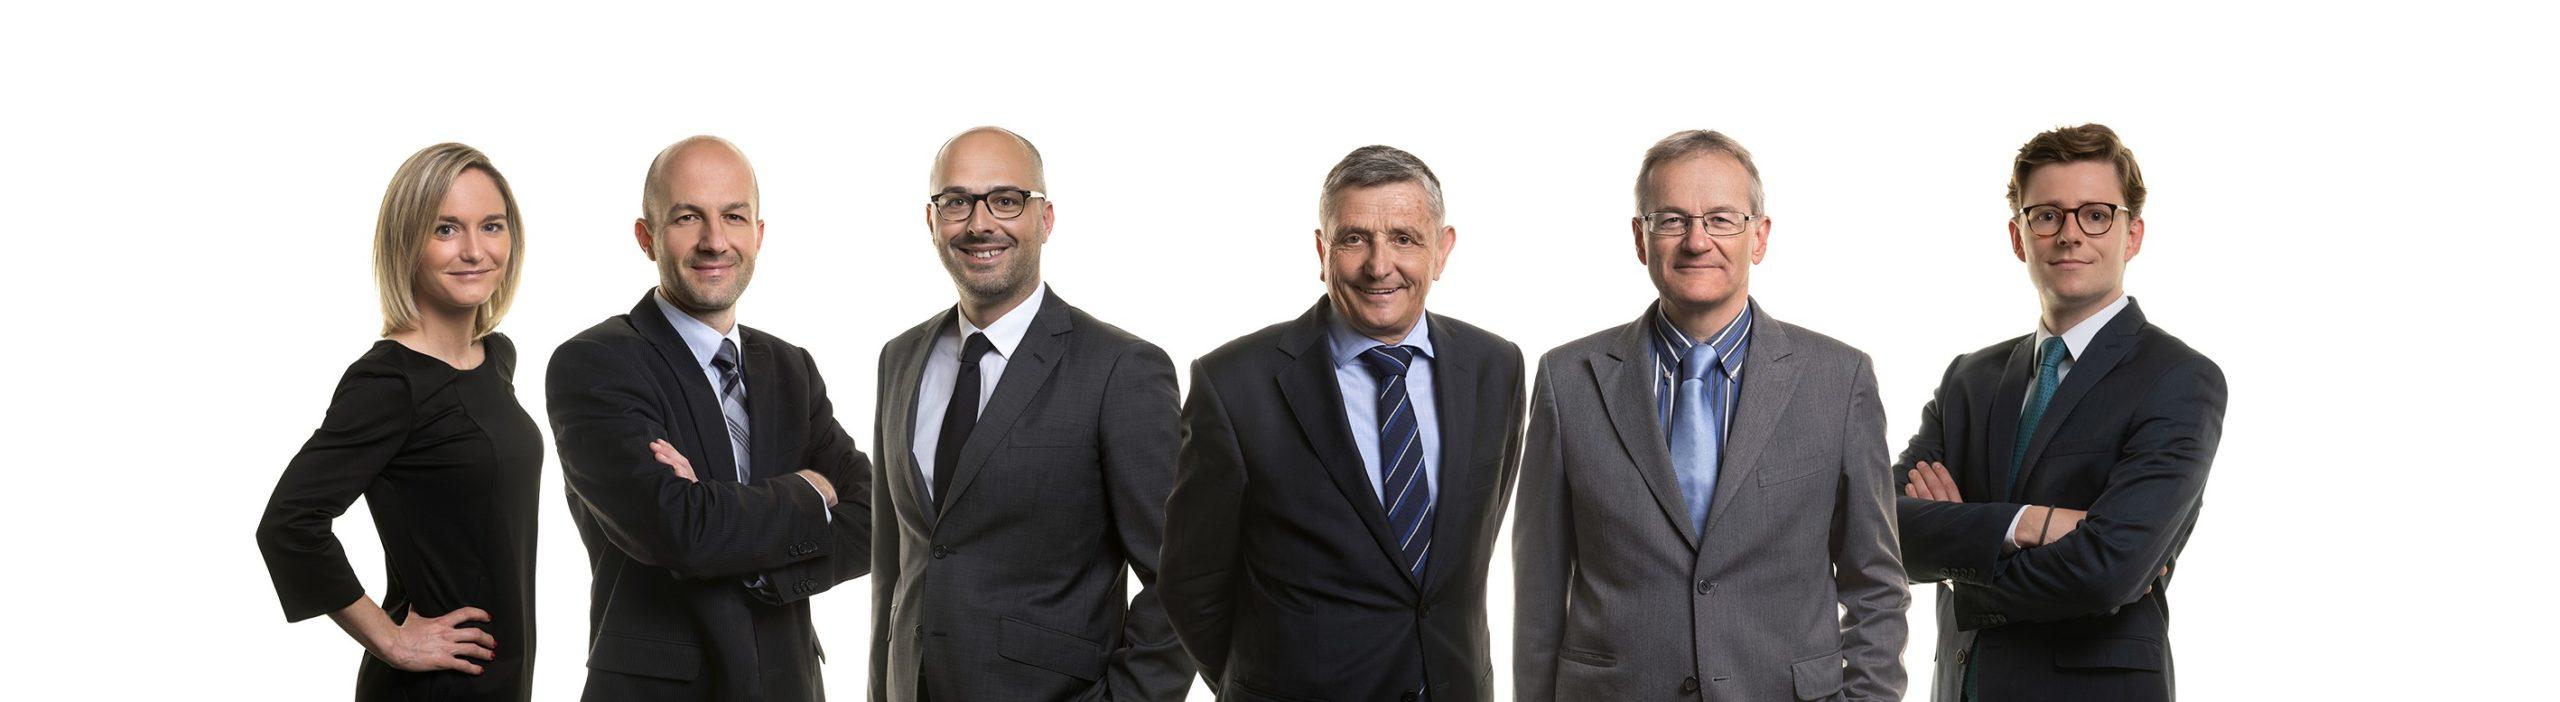 L'équipe Cour de Gare Avocats & Notaires